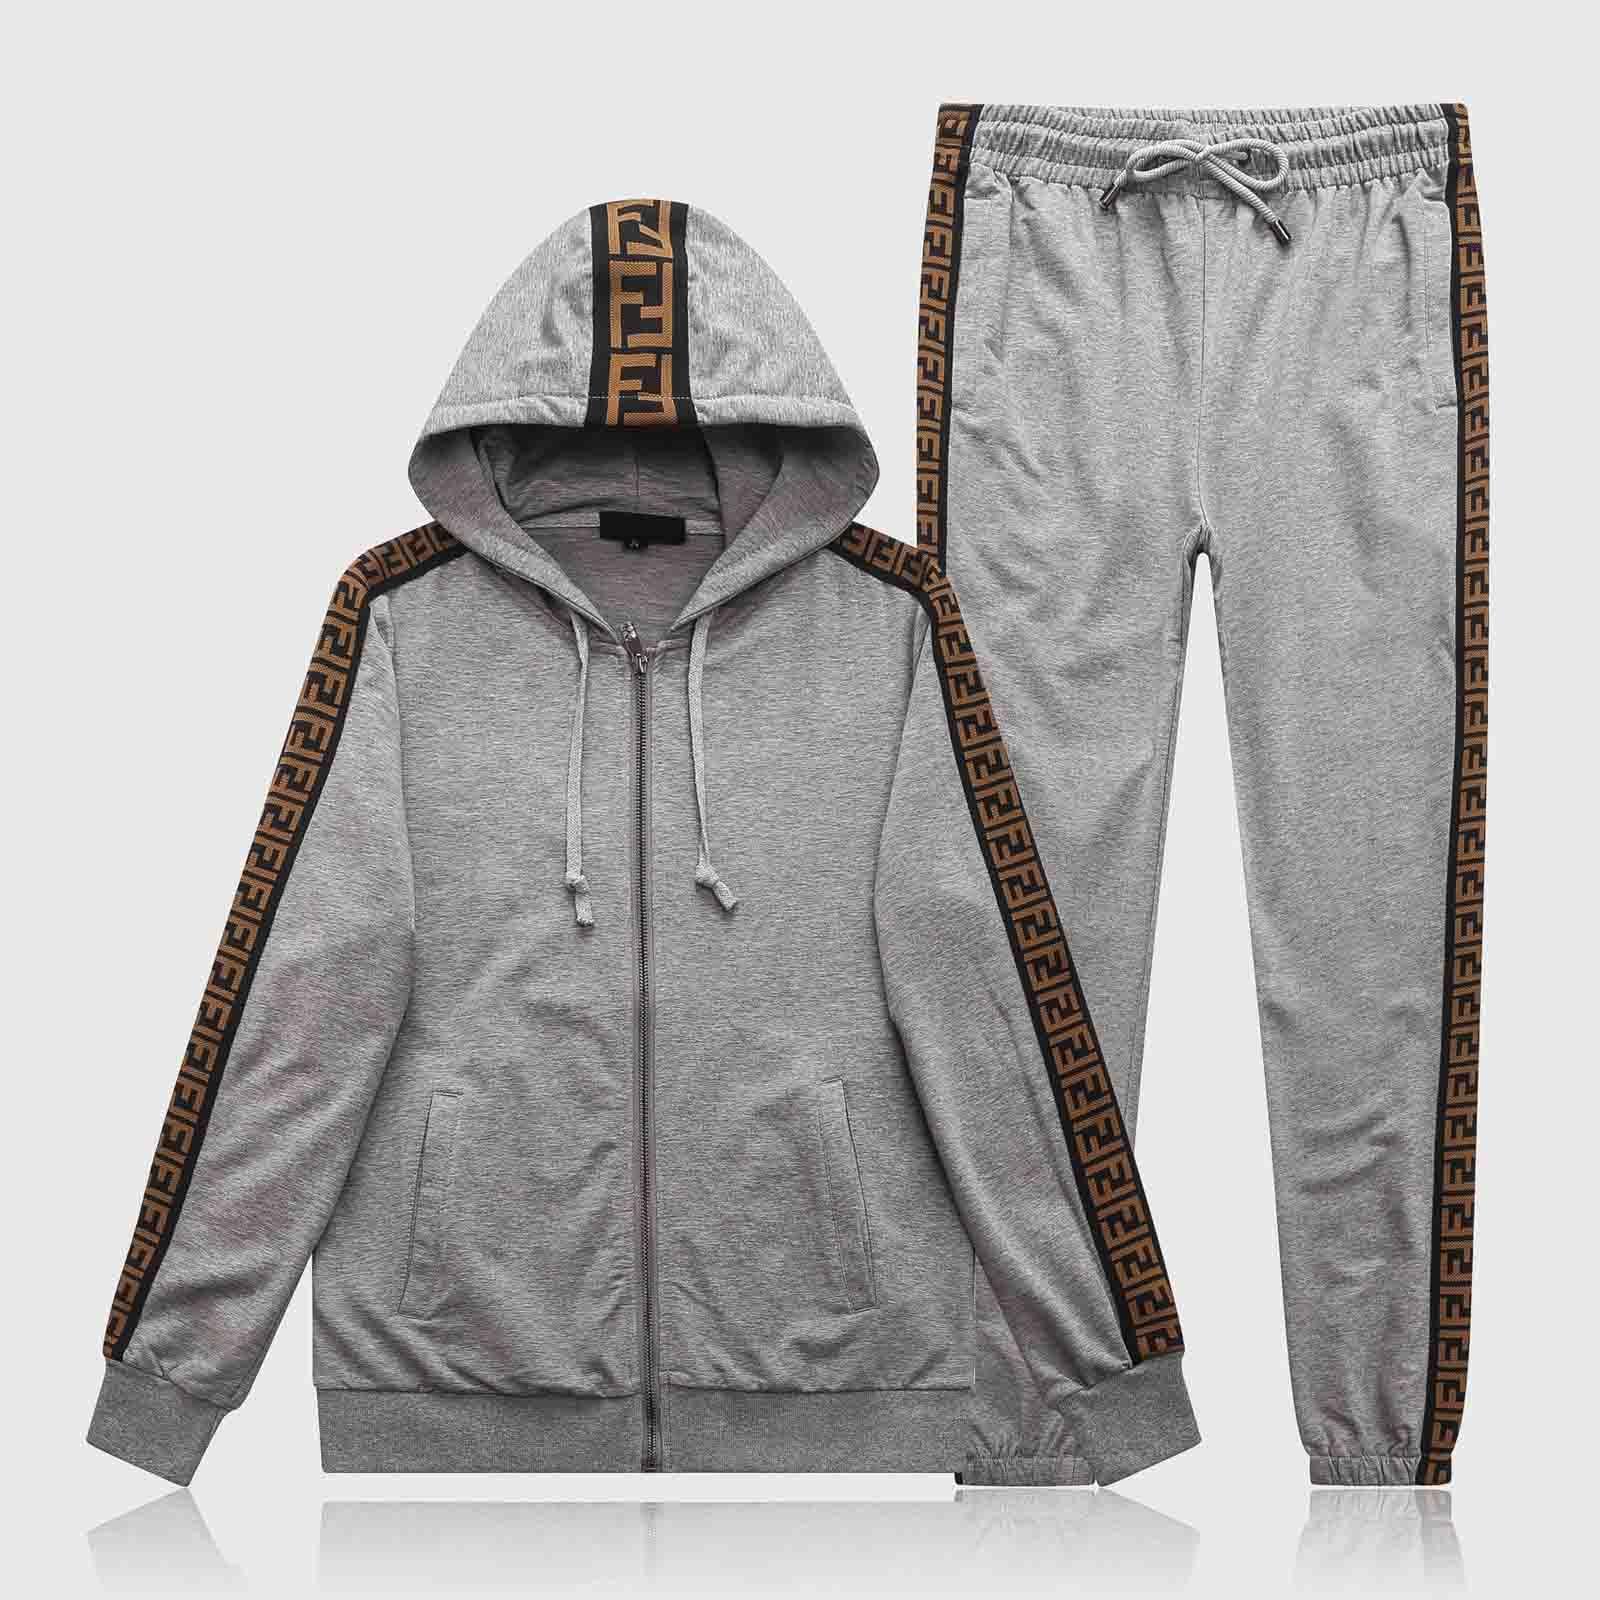 Atacado Paris de Moda de Nova Sportswear Outono e Inverno Sportswear capuz Set Full Zip Femininos Sportswear alta qualidade Hoodie M-3XL